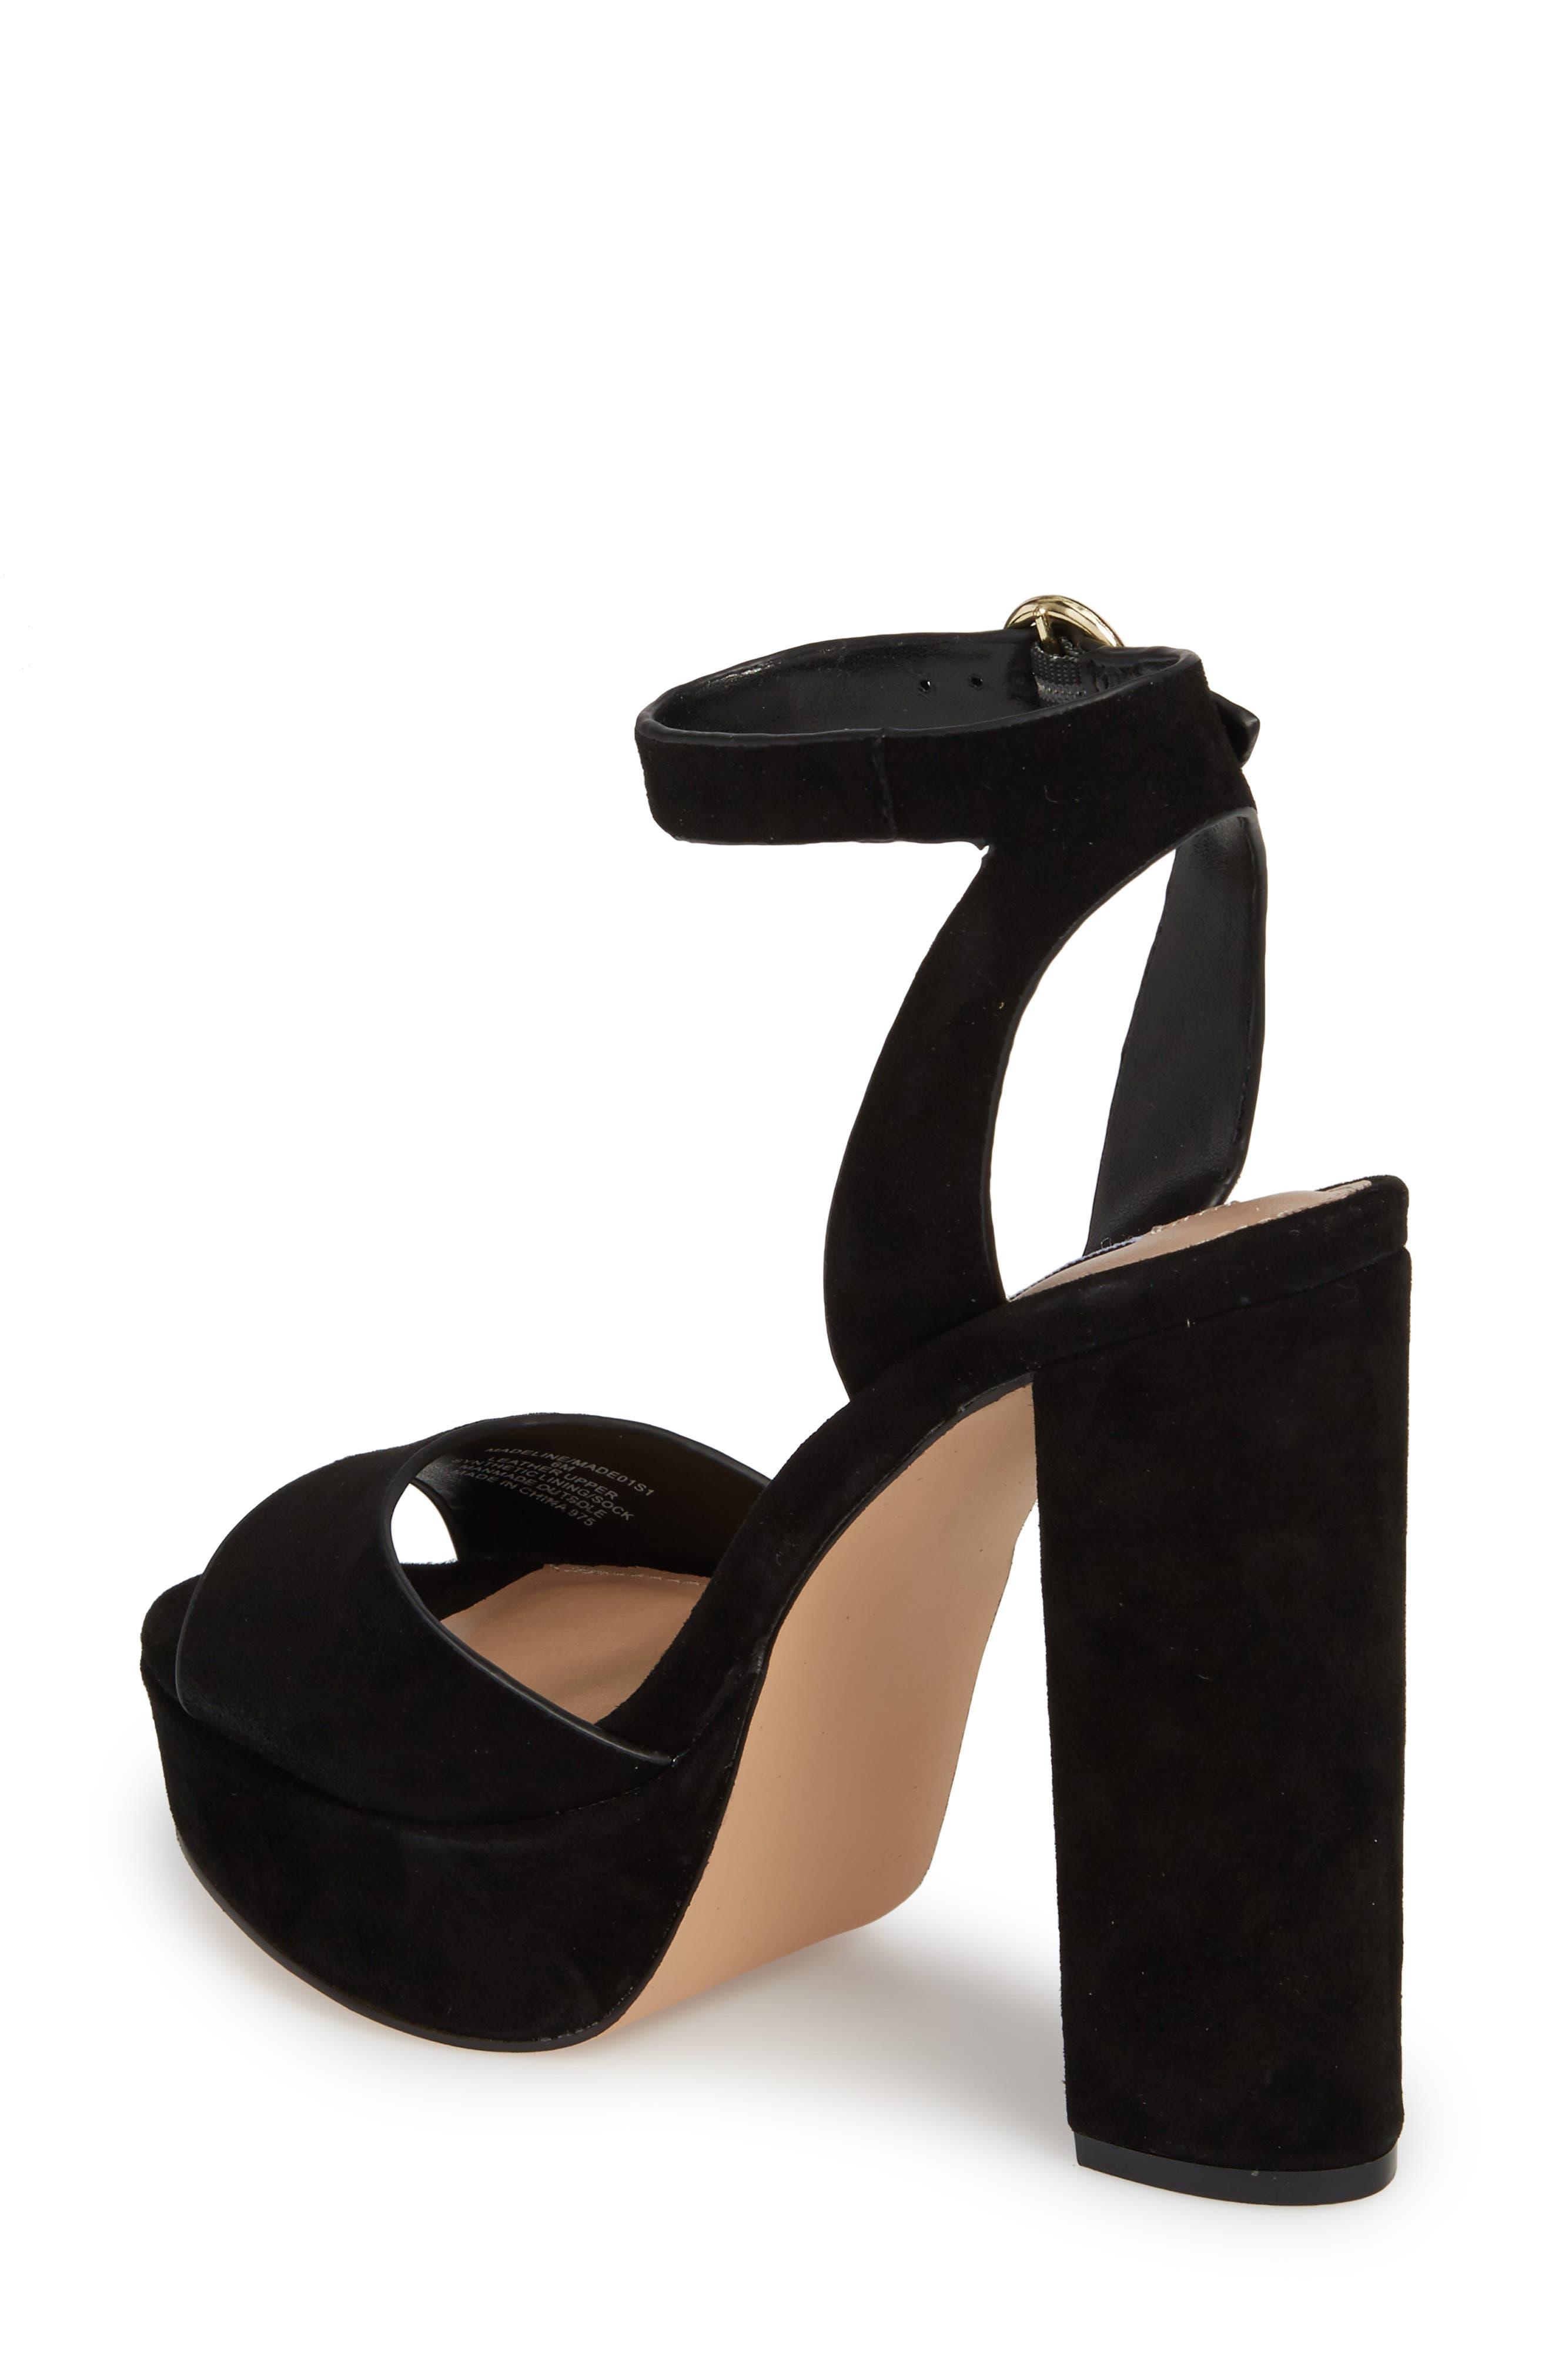 Madeline Platform Sandal,                             Alternate thumbnail 2, color,                             BLACK SUEDE